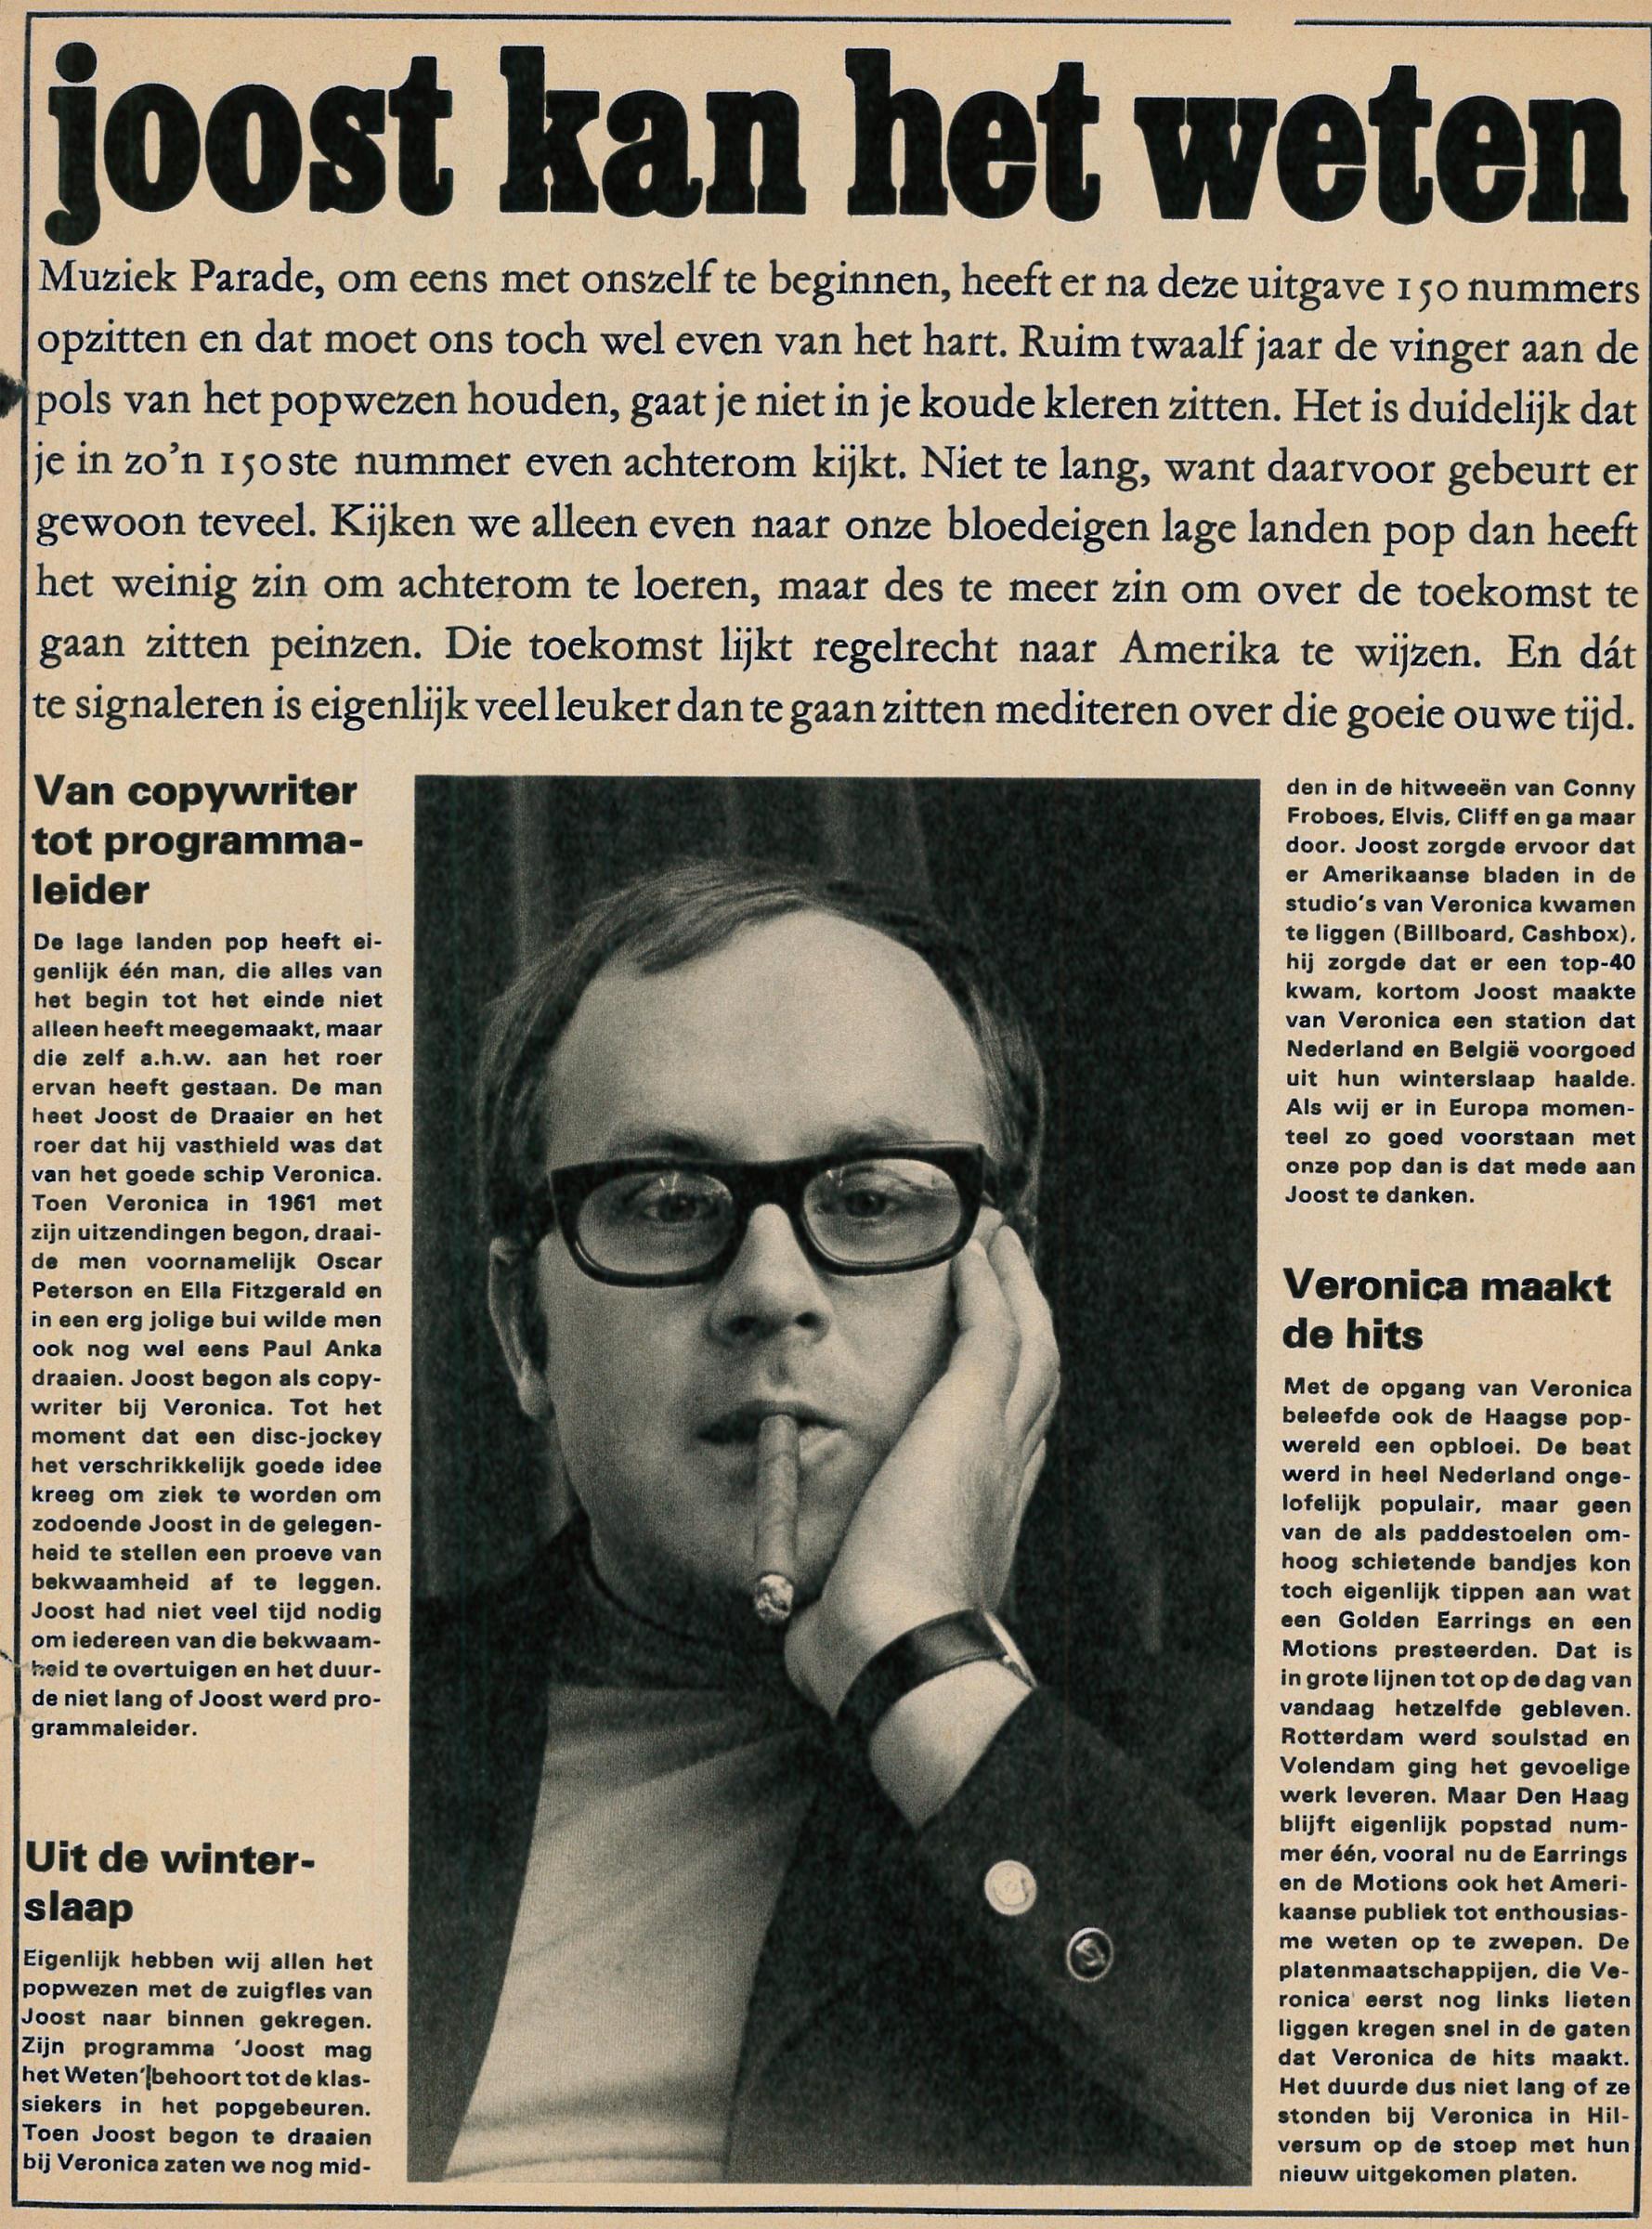 1967 Joost kan het weten.jpg